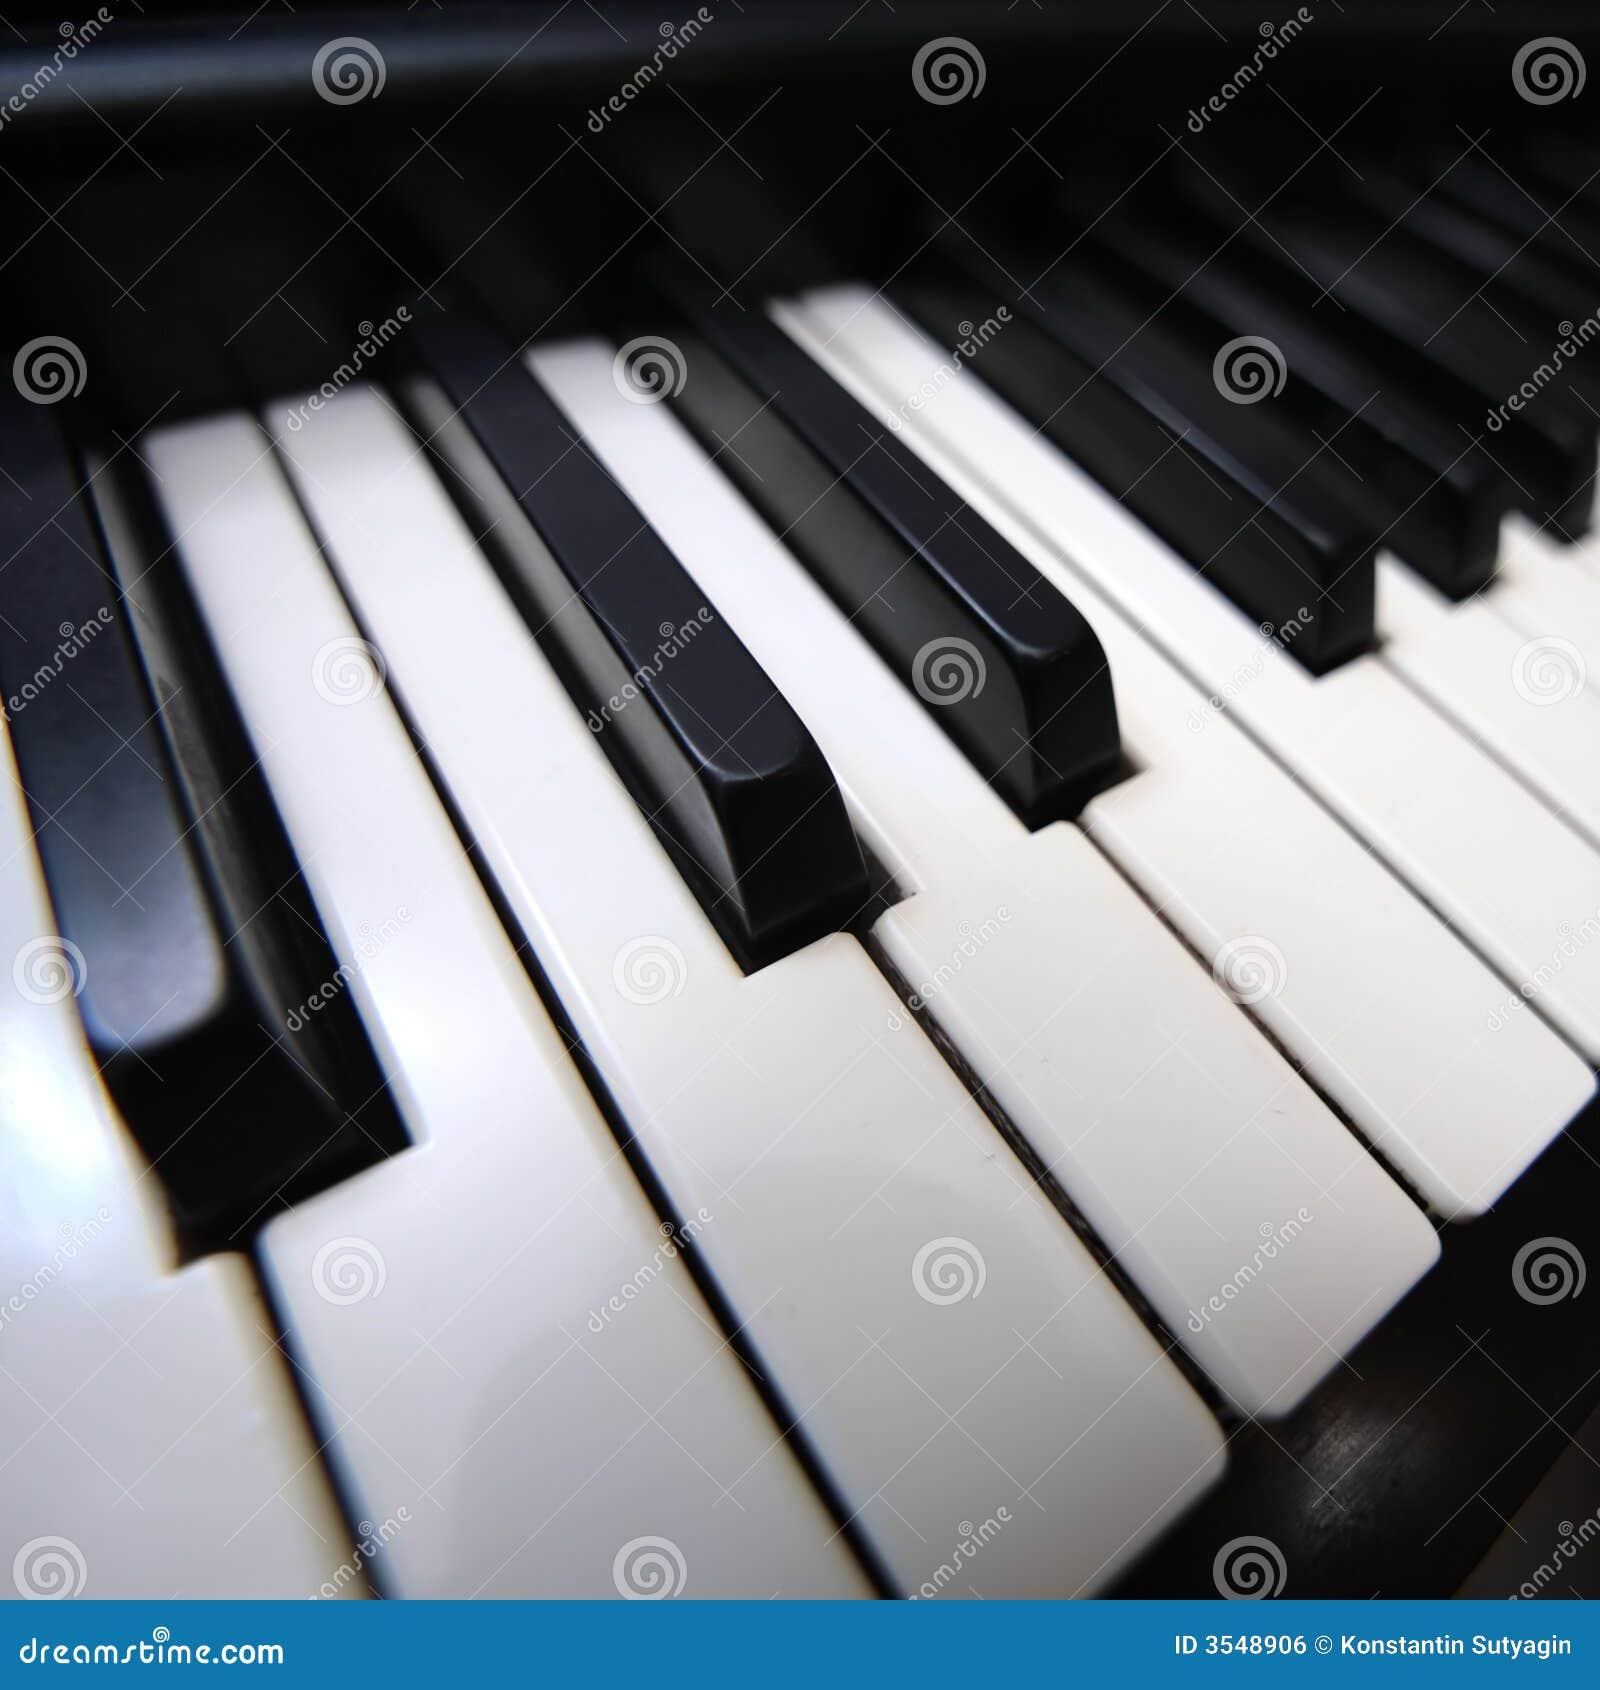 Zbliżenie klawiatury pianino